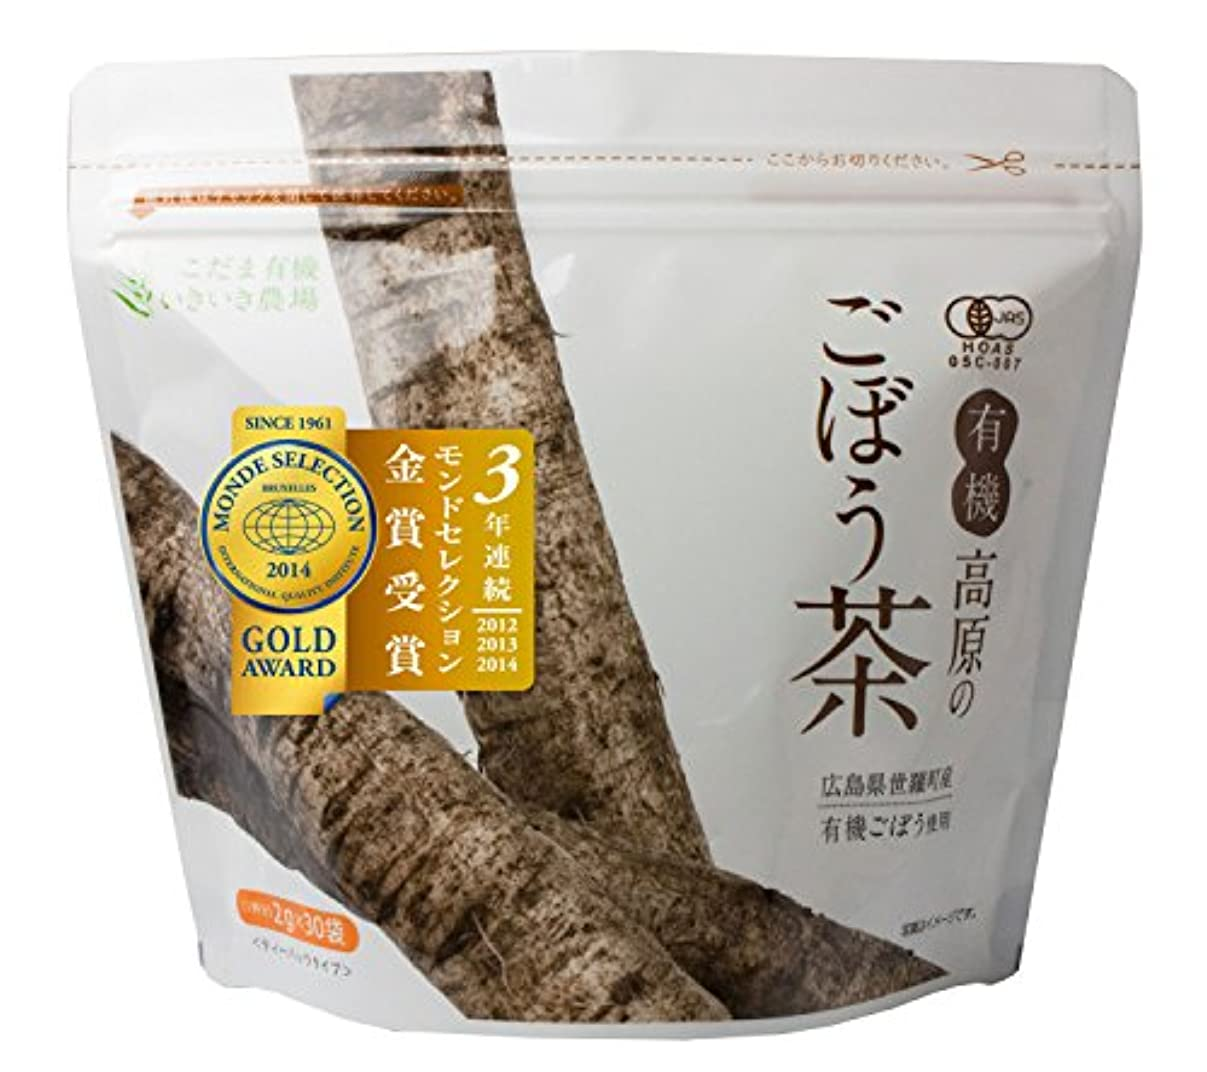 征服意義トライアスロンこだま食品 有機高原のごぼう茶 2g×30袋 311037001